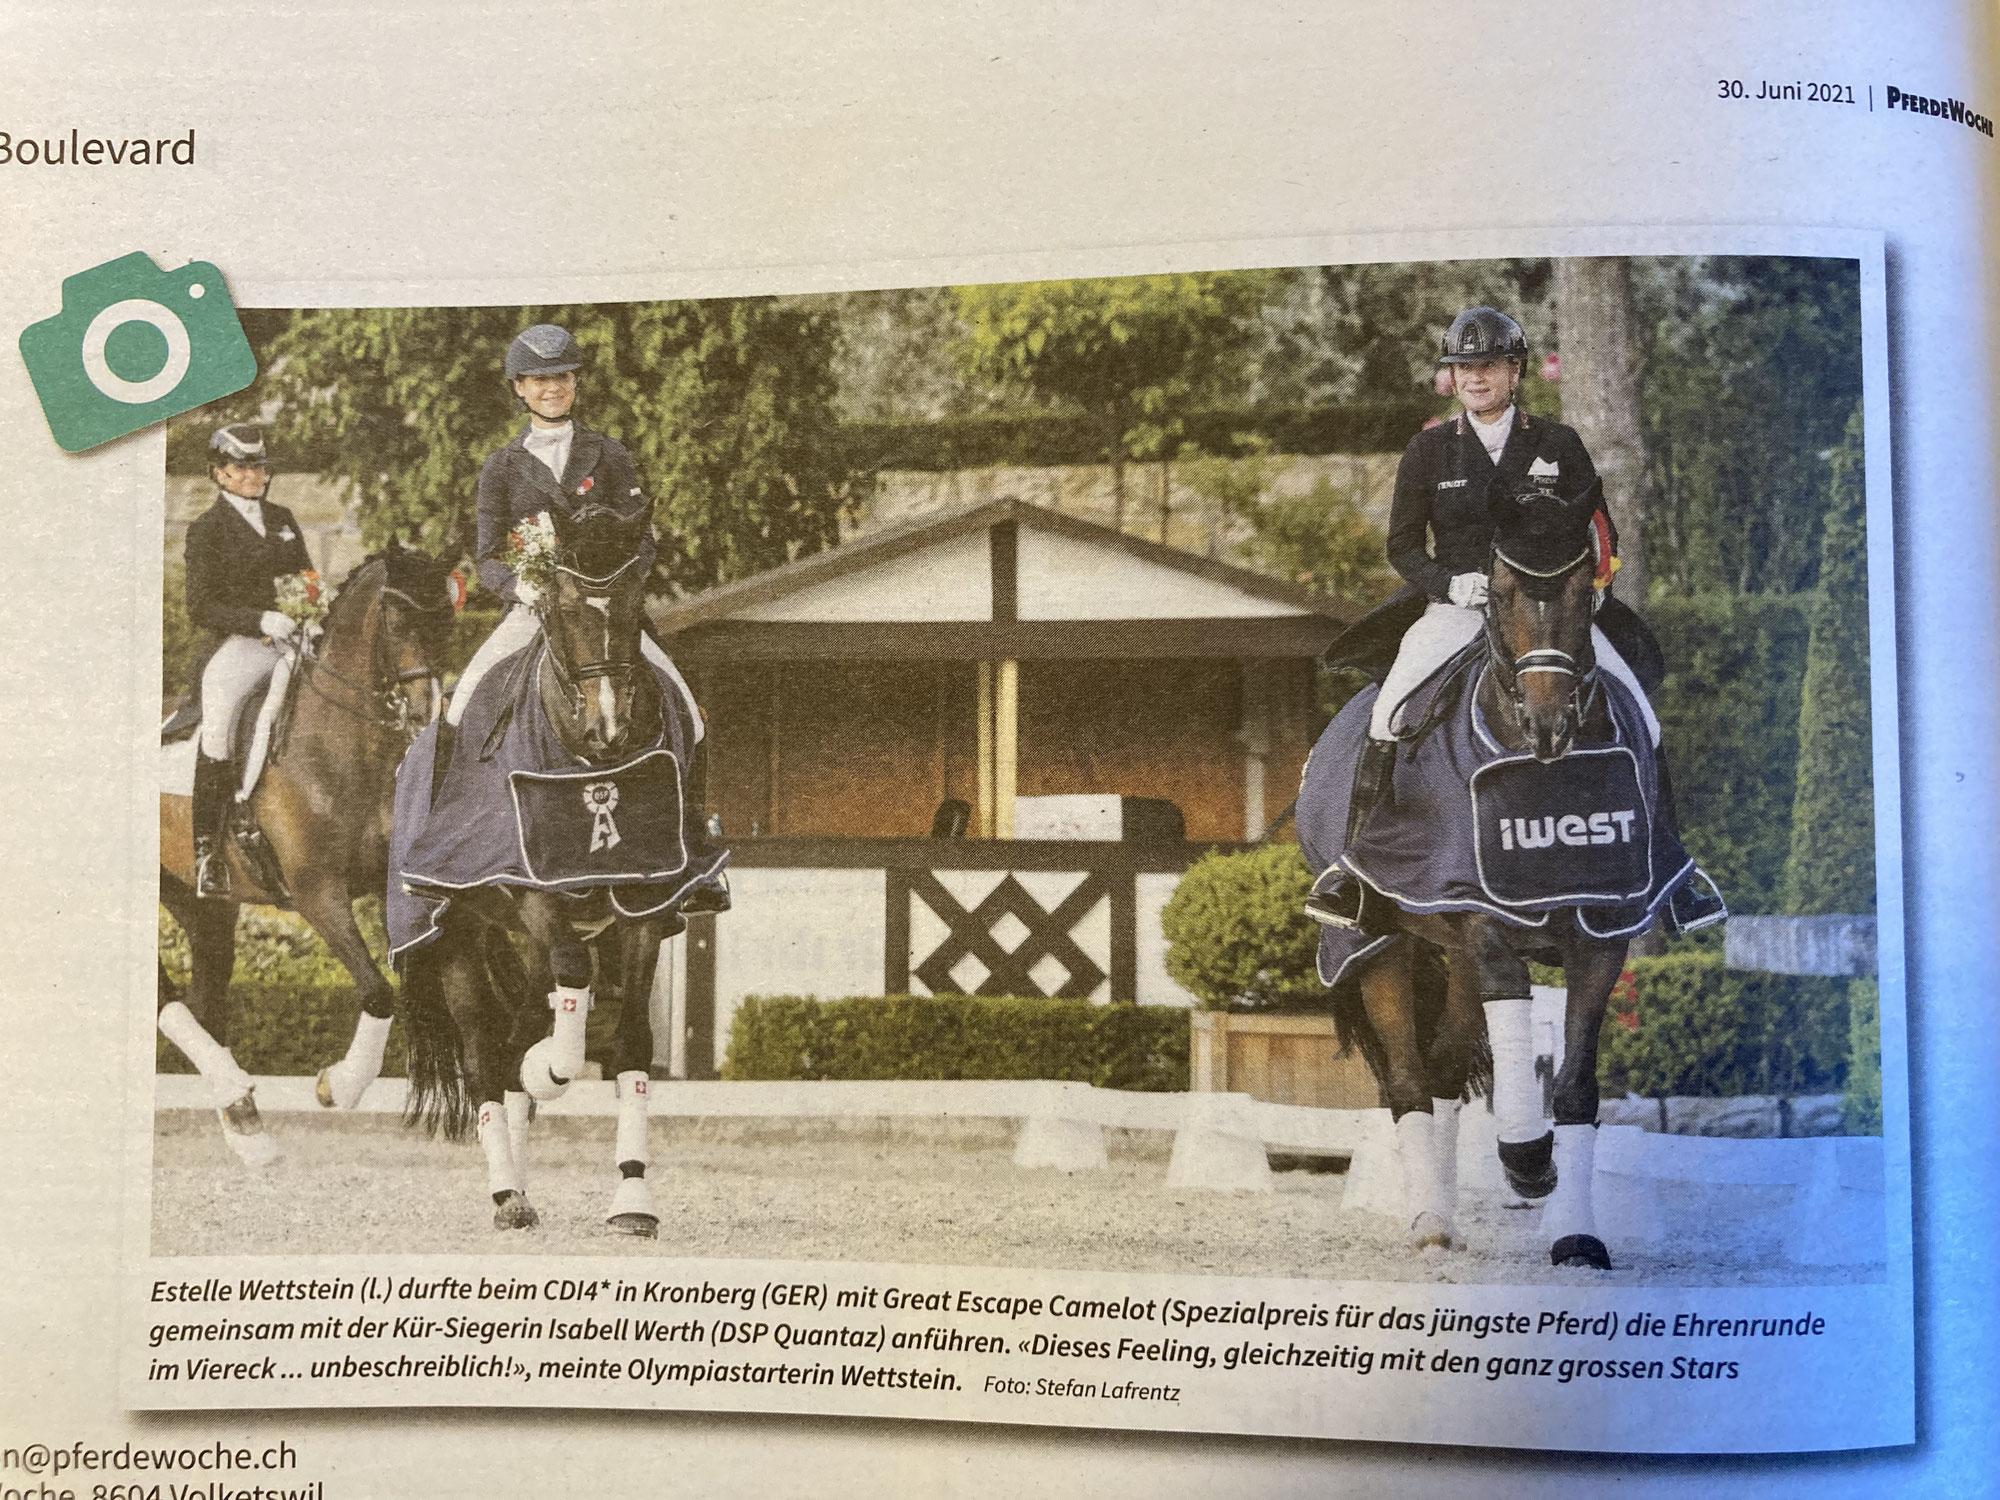 Great Escape Camelot bekommt Preis für das jüngste Pferd